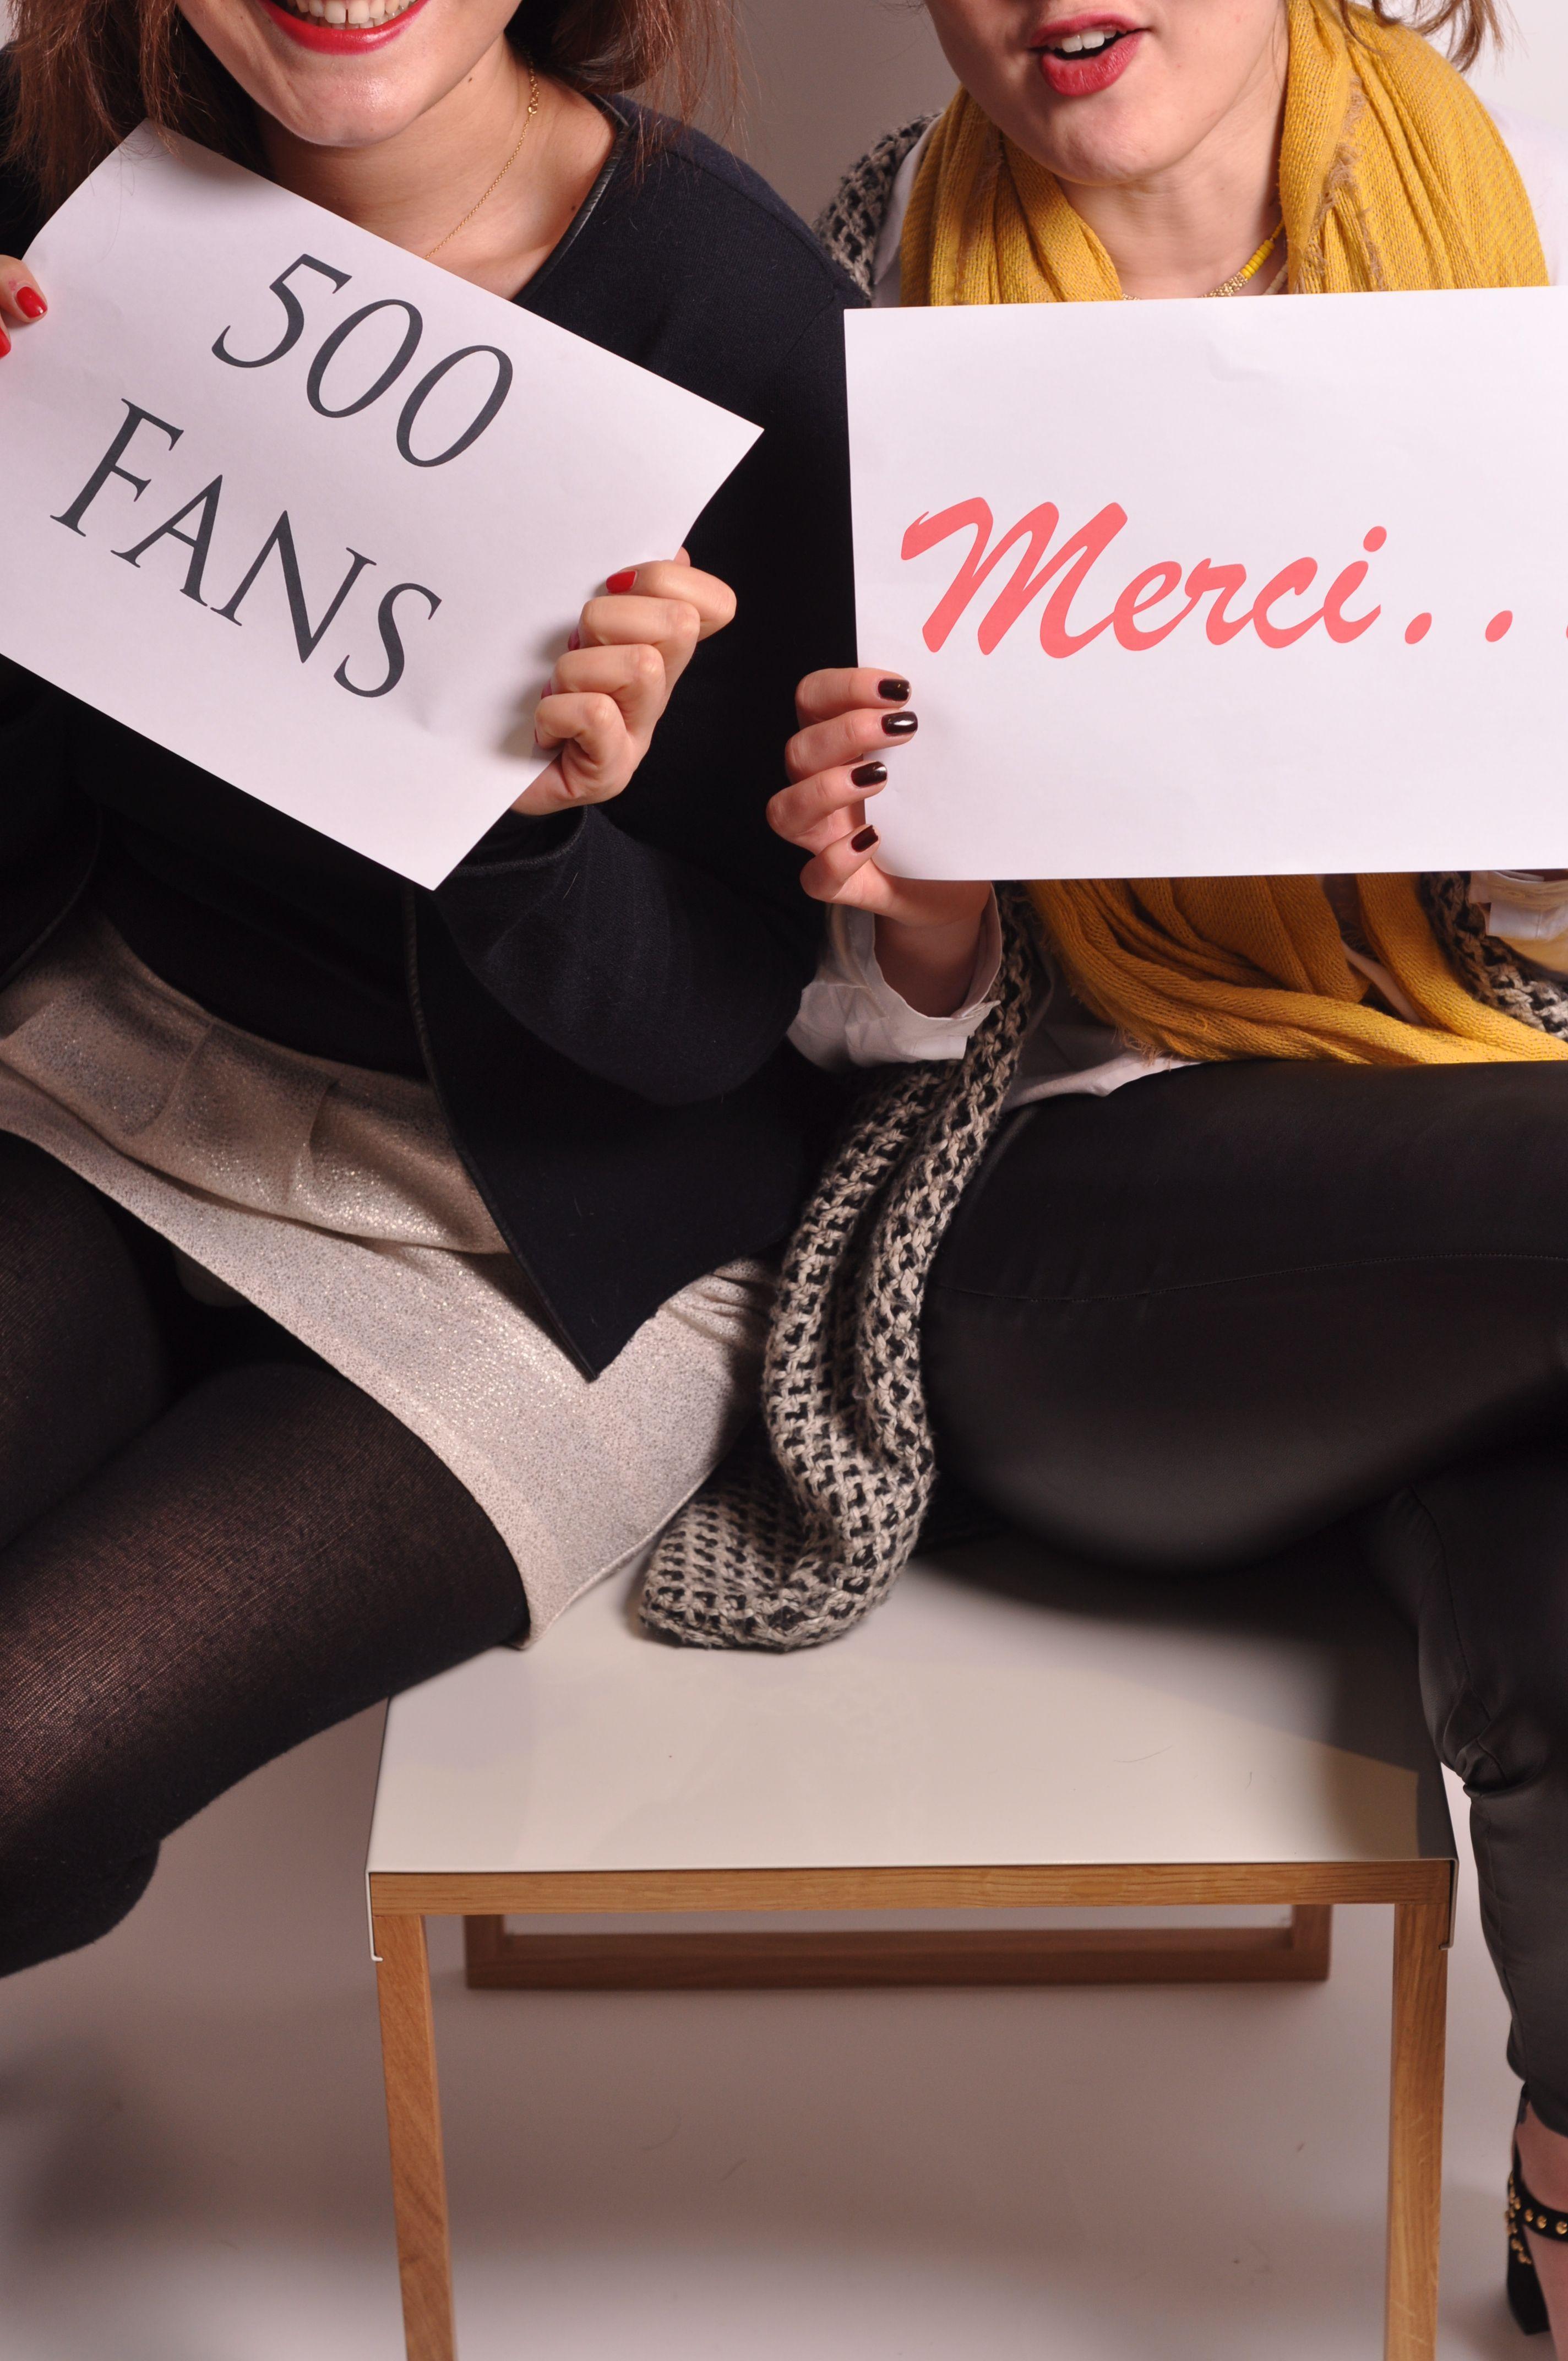 500 Fans ça se fête !  Encore plein de surprises et de cadeaux vous attendent sur My Francie Design ... Pour vous remercier, le site dispose de nouvelles fonctionnalités dont pour la première fois en France, une application de social shopping ... ---------> Allez vite découvrir ce que ça veut dire ! Elodie Lebid & Cécile Fie